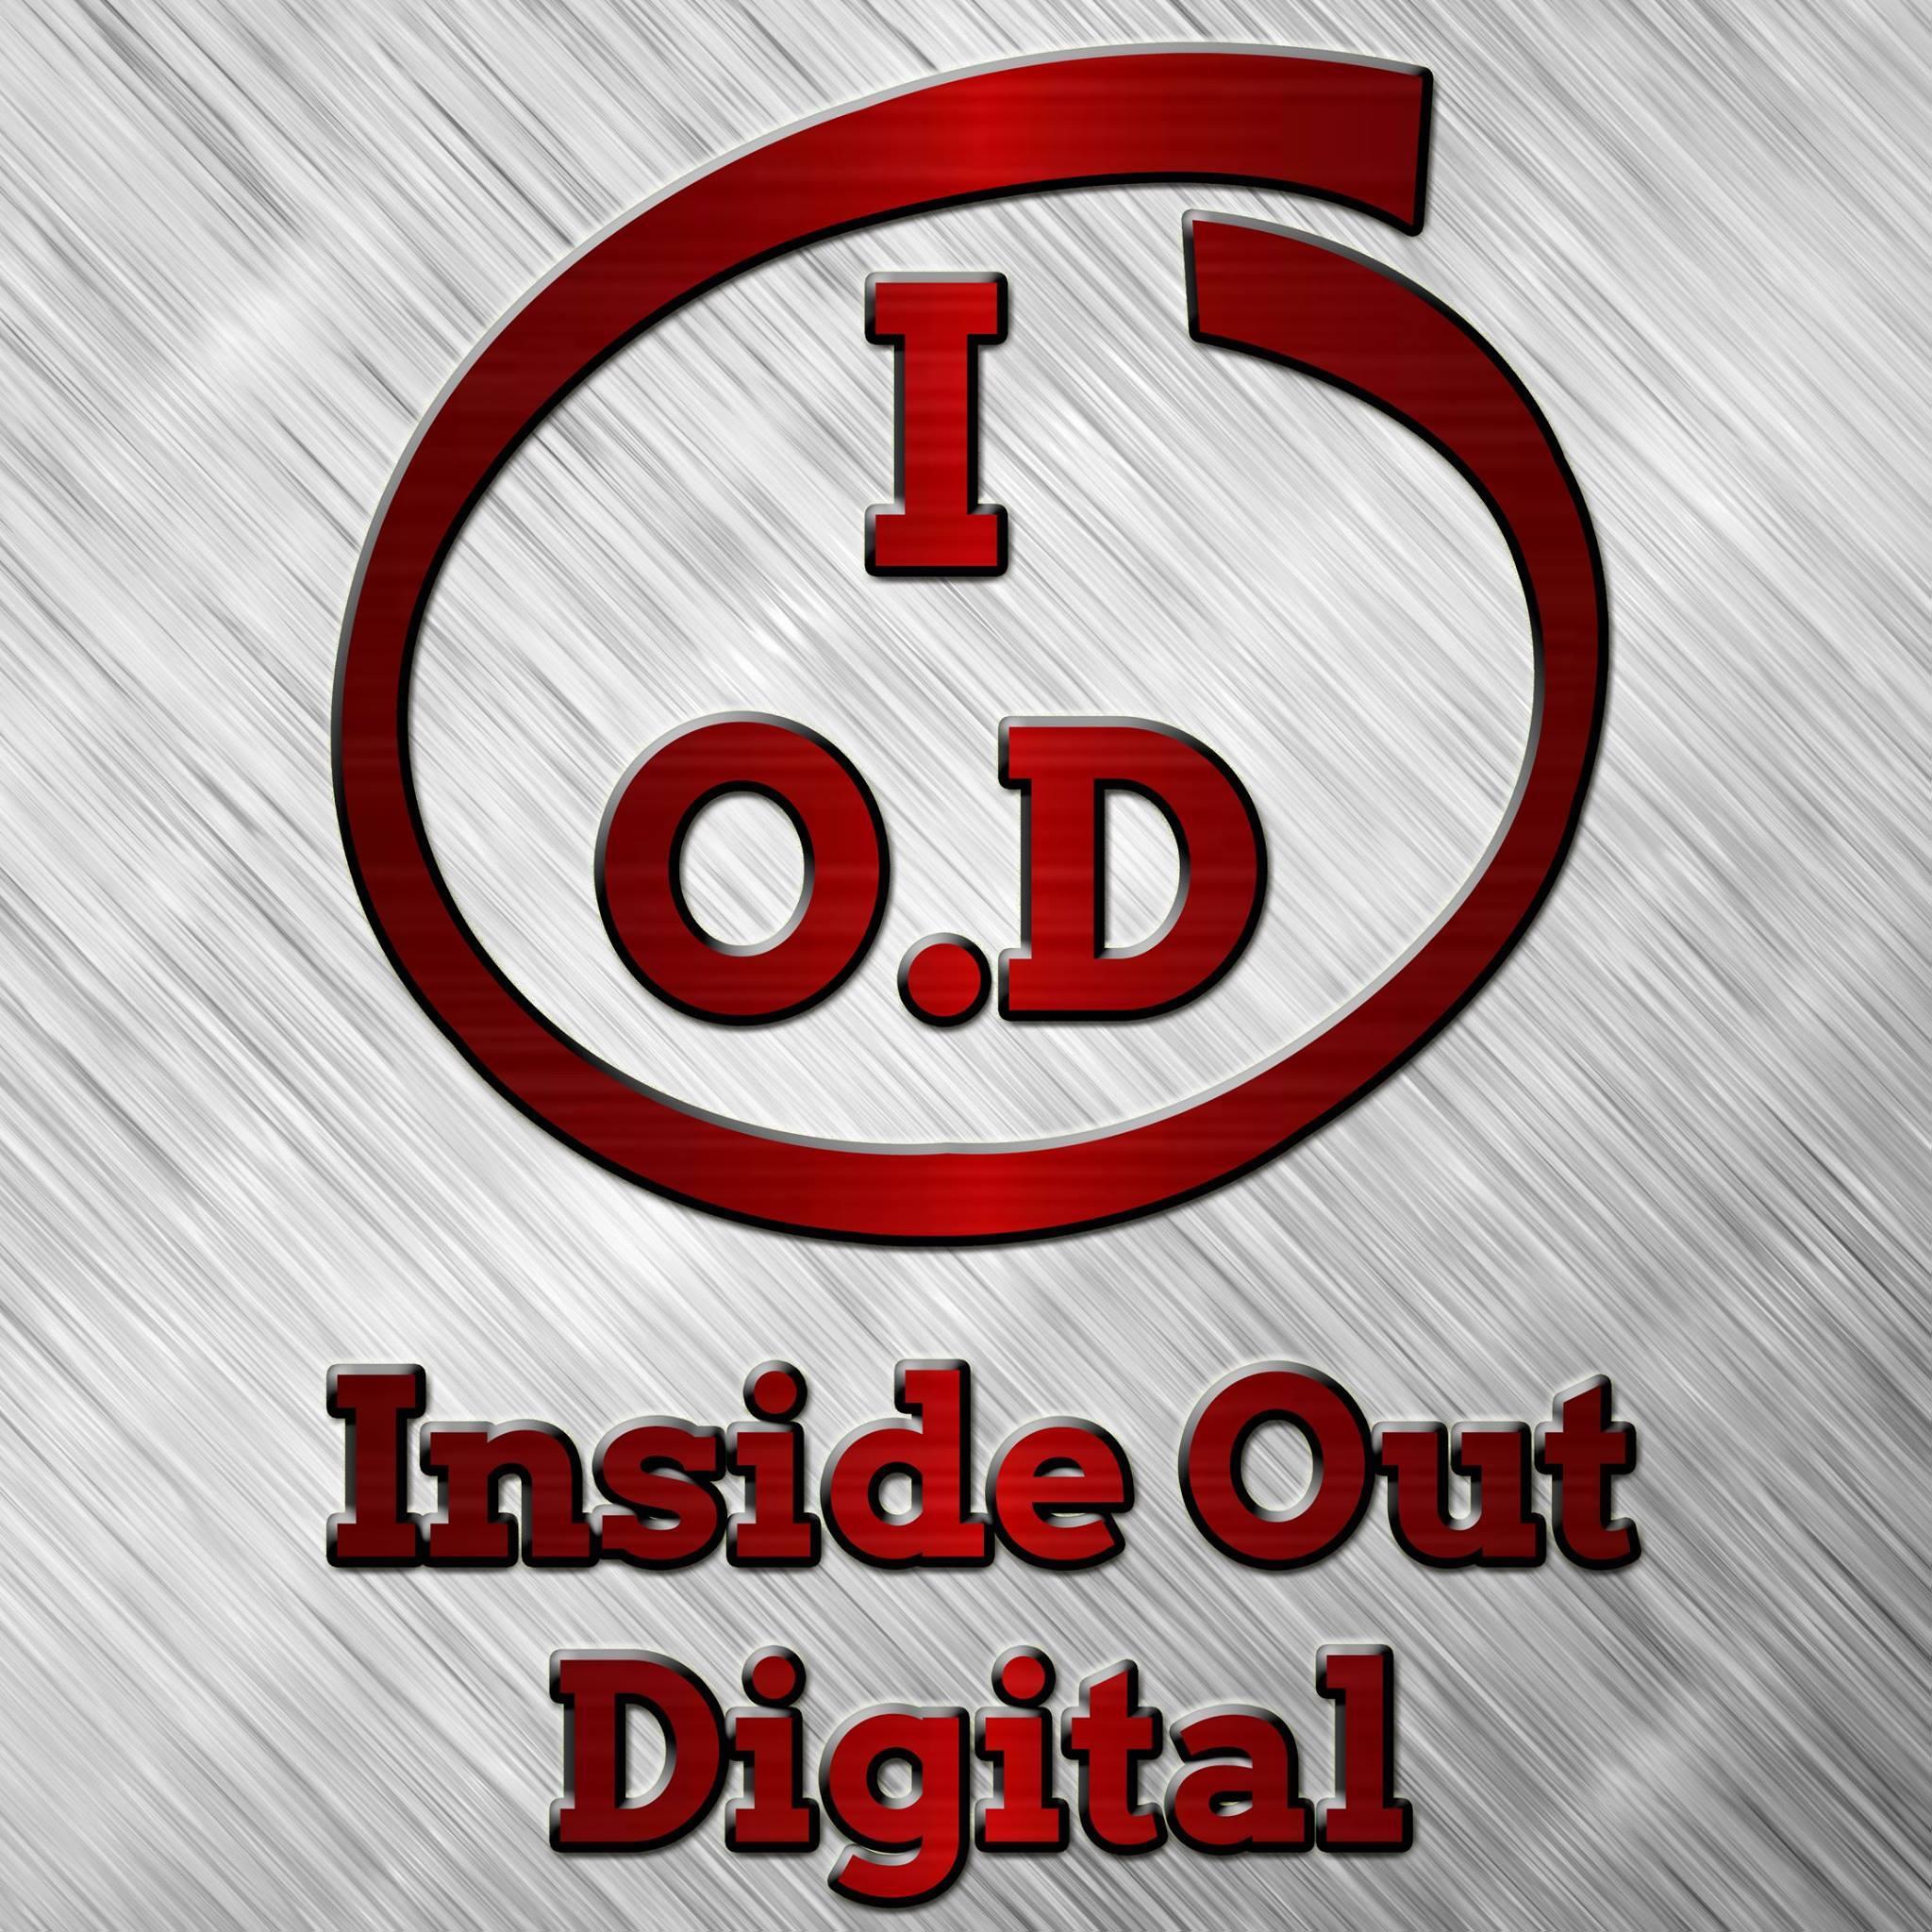 Inside Out Digital